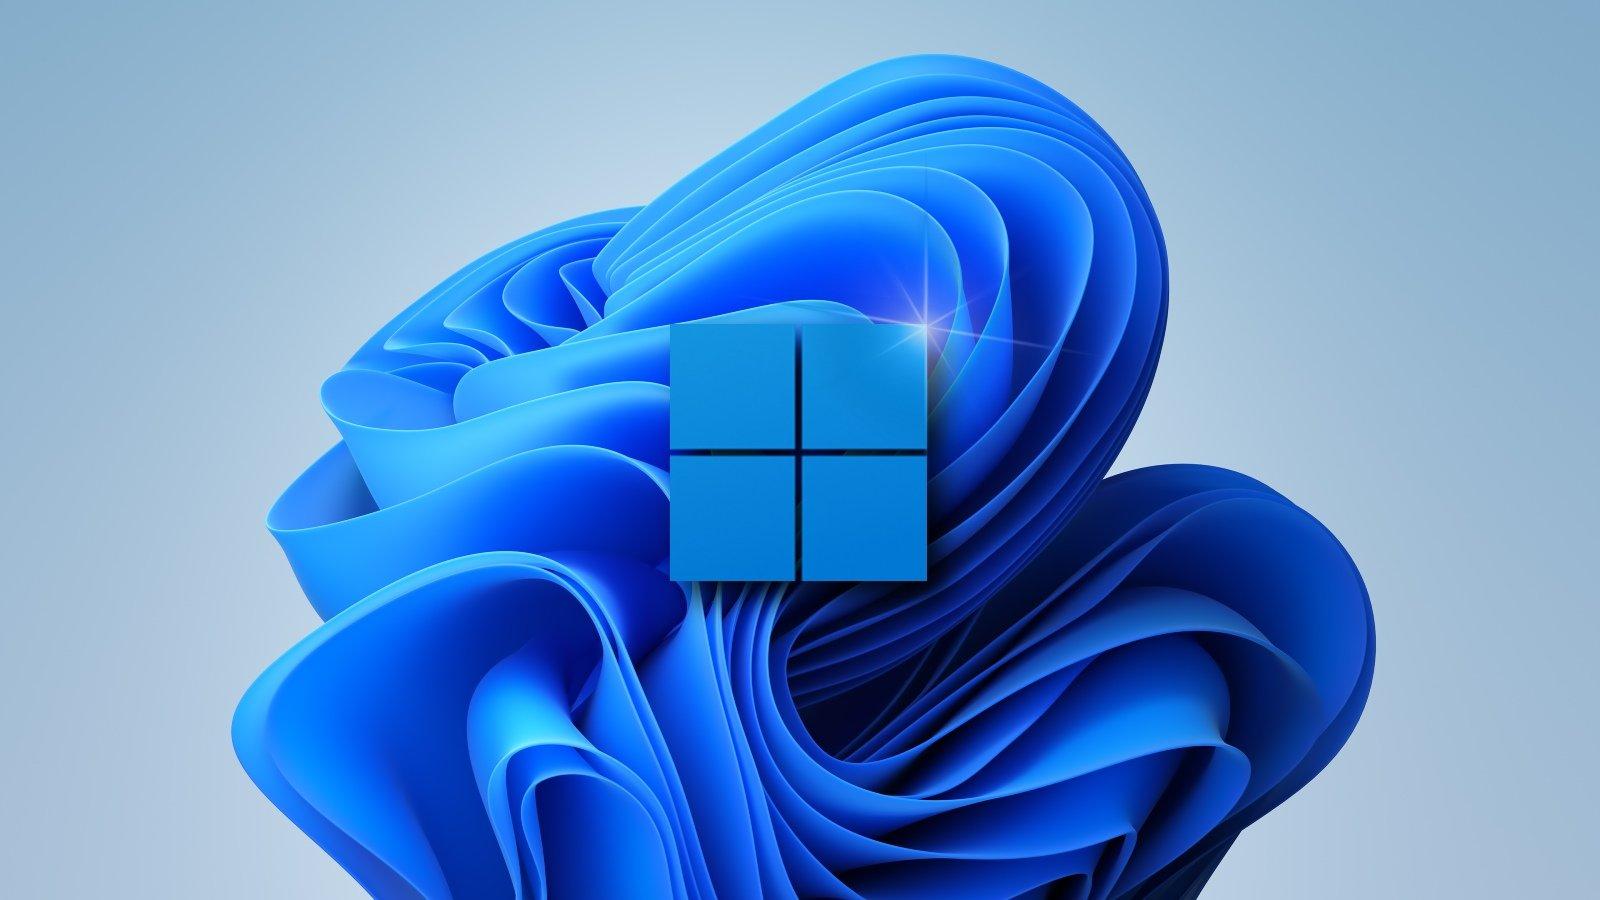 هرآنچه از رویداد معرفی ویندوز ۱۱ مایکروسافت انتظار داریم